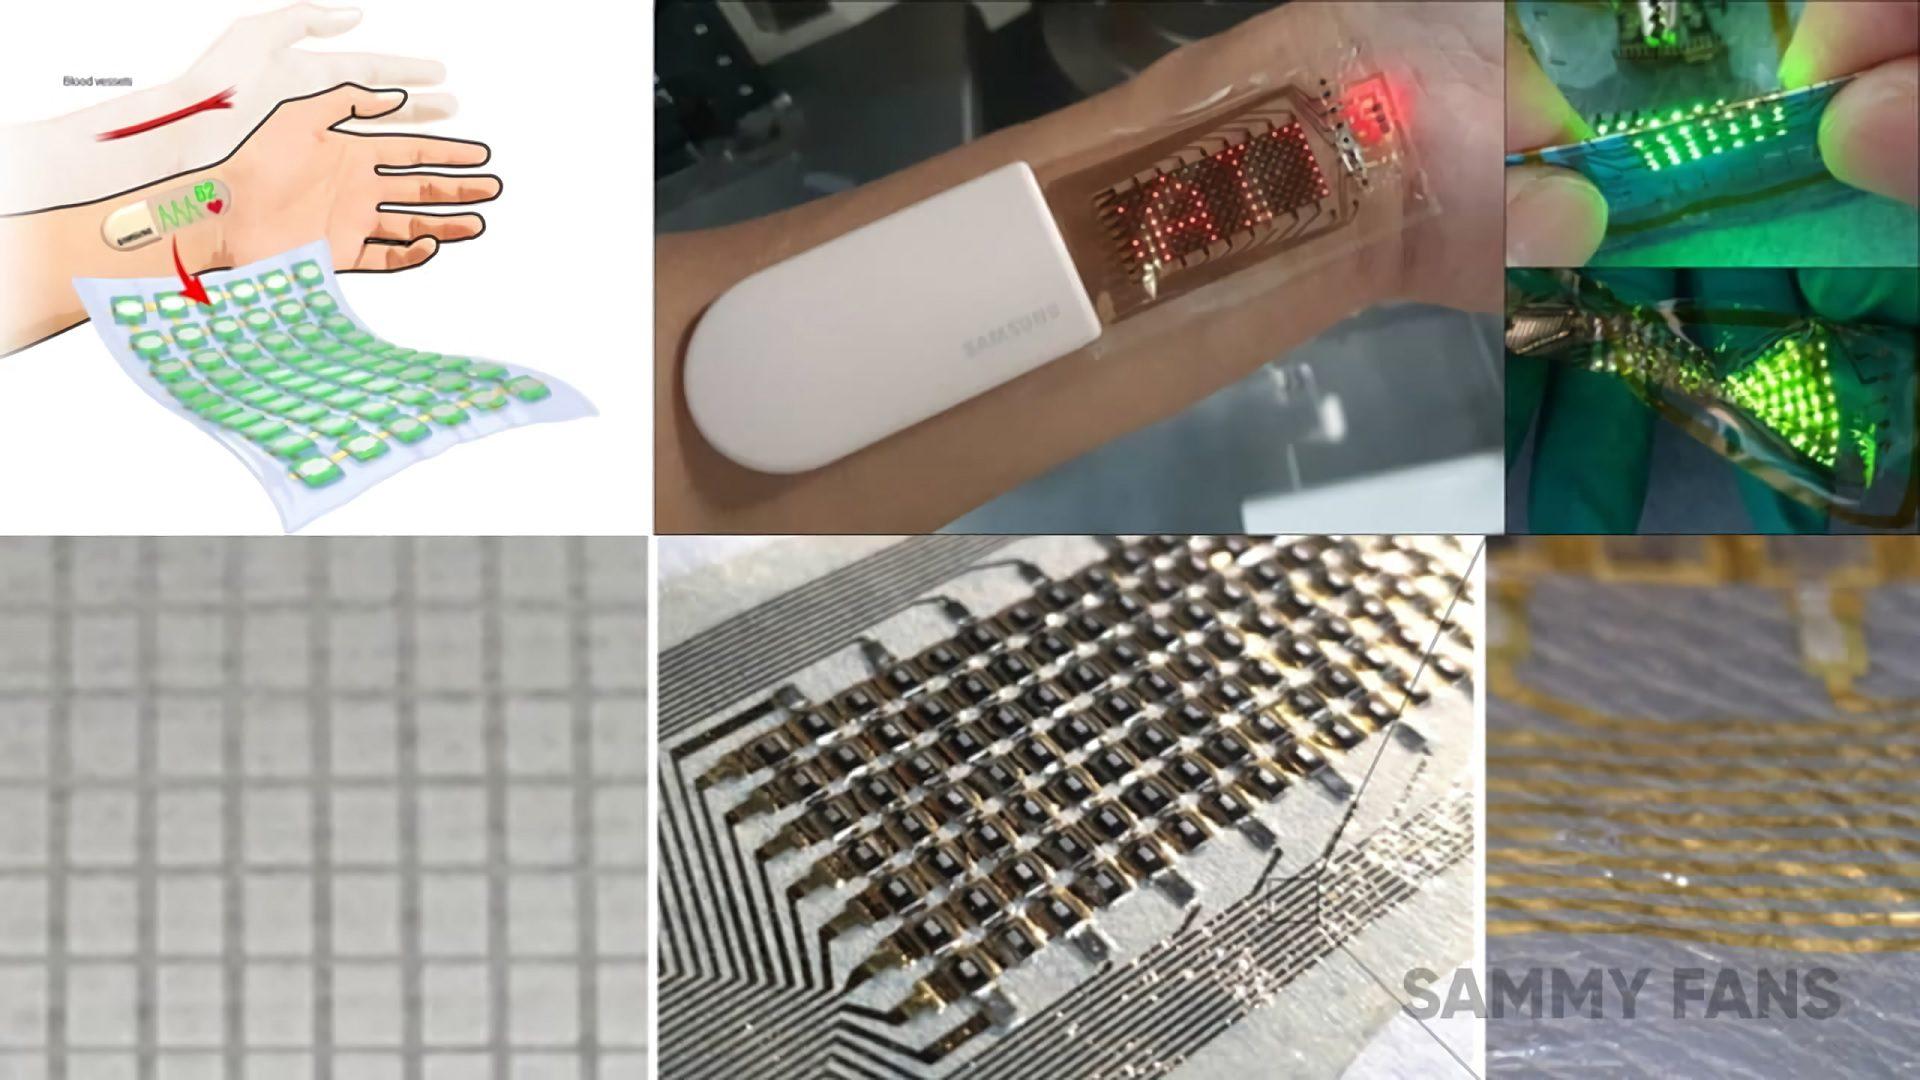 Esta pantalla es capaz de estirarse hasta 1000 veces, adherirse a la piel y mostrar al usuario datos de medición sobre su salud.